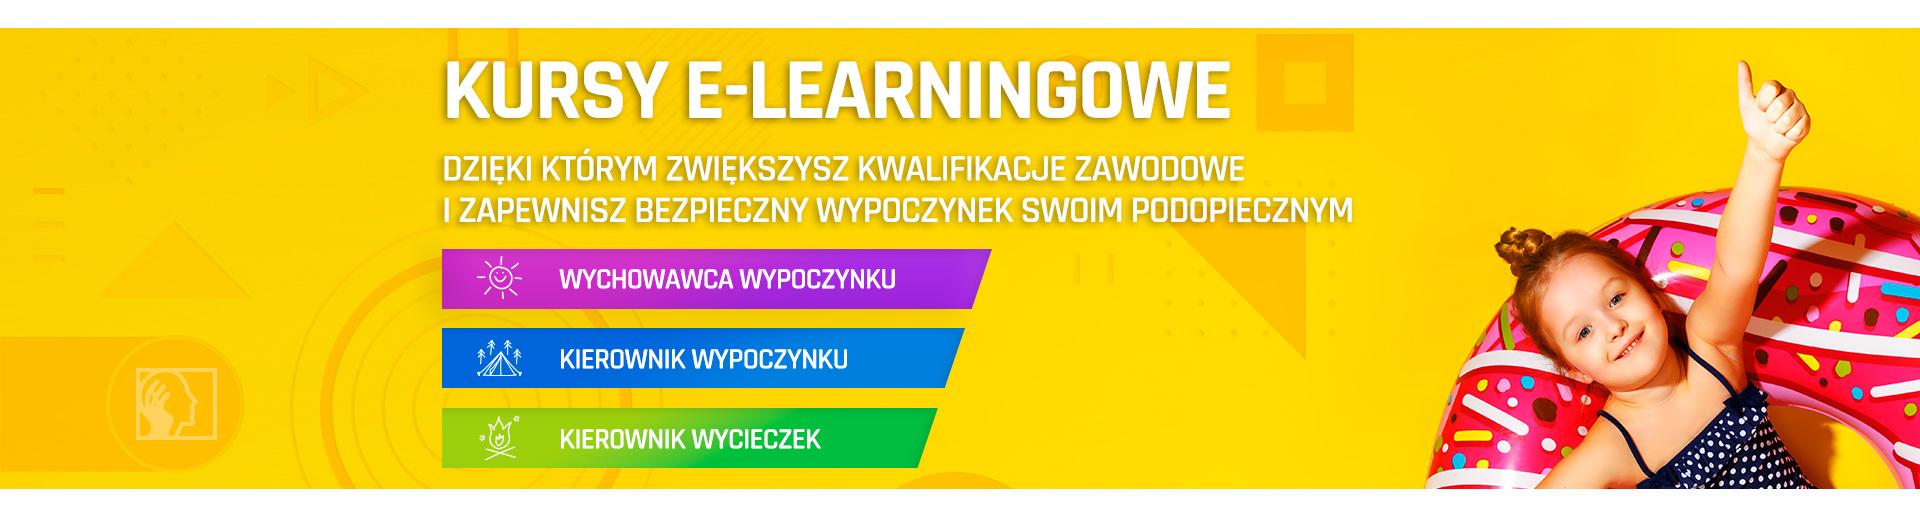 kursy online wychowawca